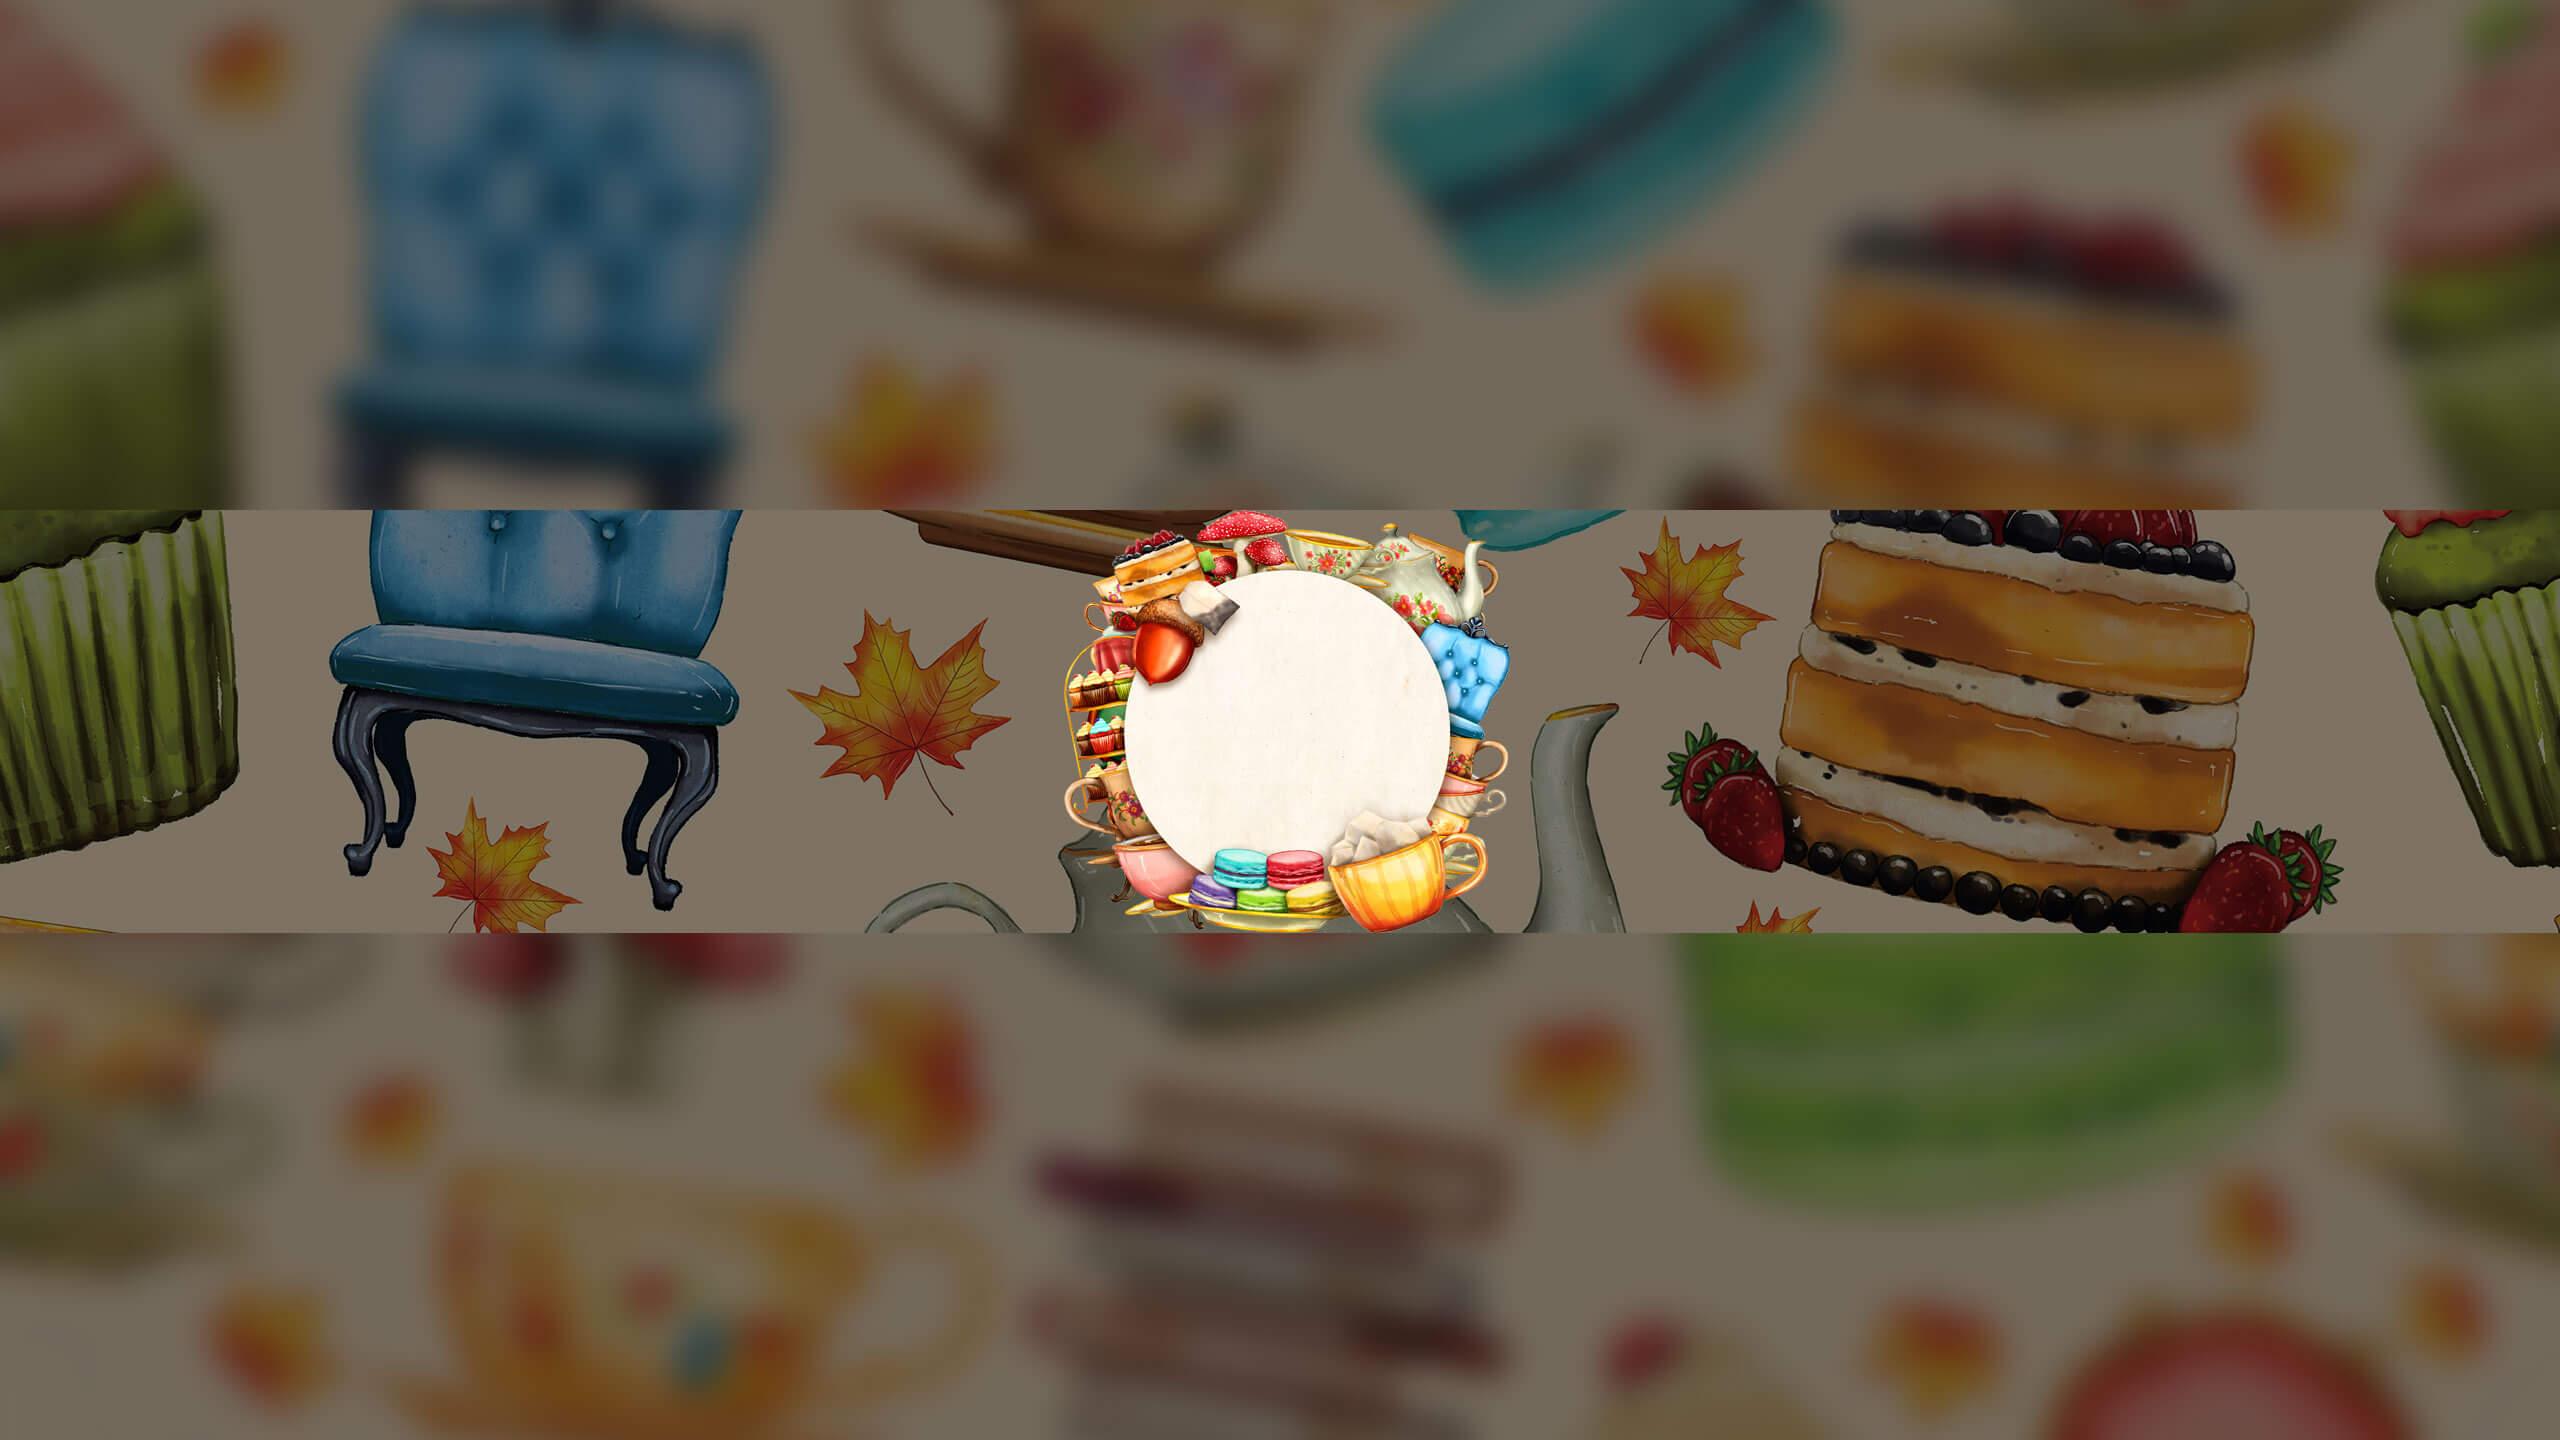 Картинка для шапки ютуба с чашками чая и мебелью.